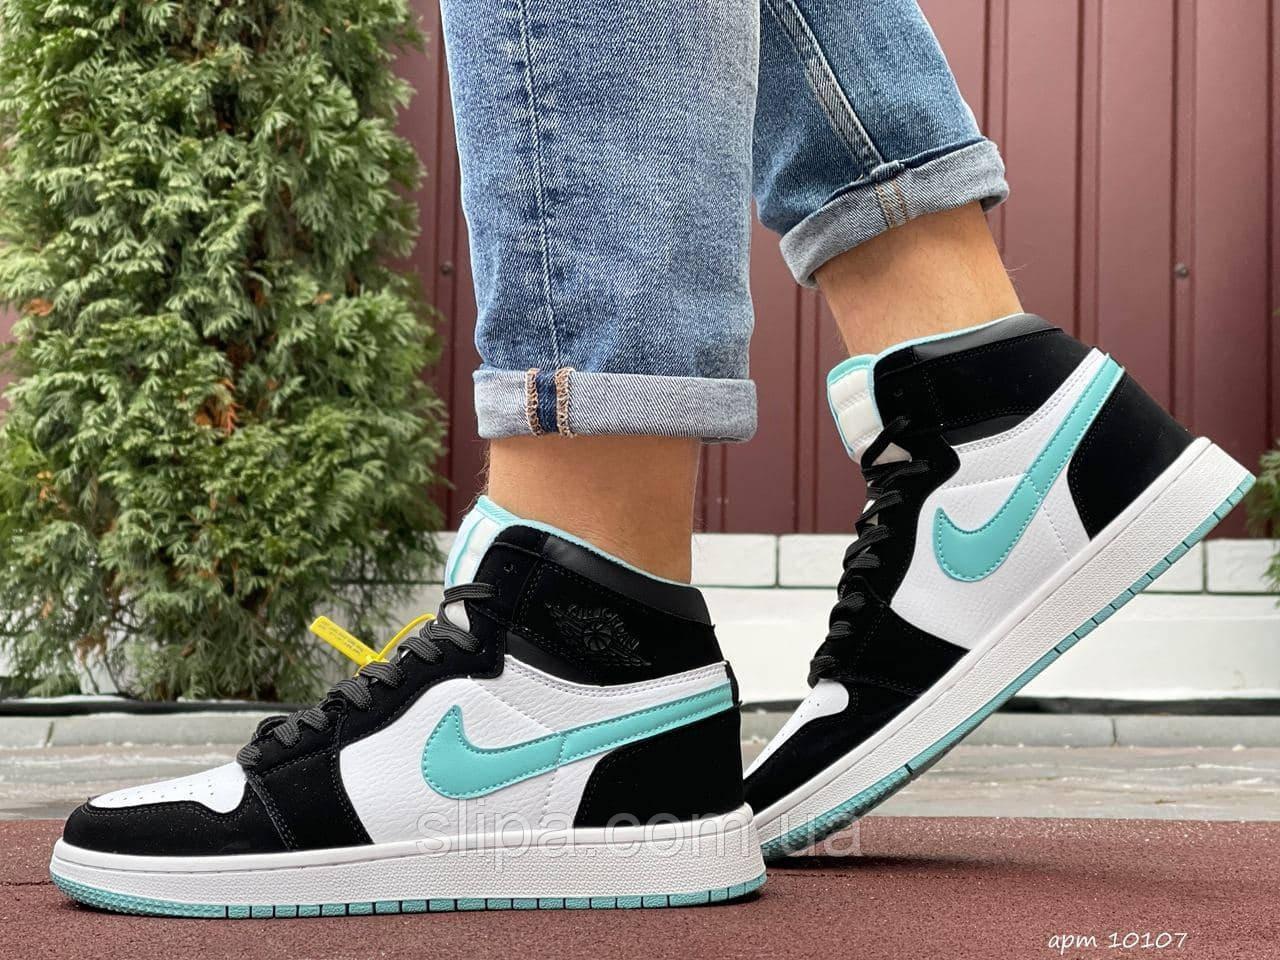 Чоловічі шкіряні кросівки Nike Air Jordan 1 Retro білі з м'ятним